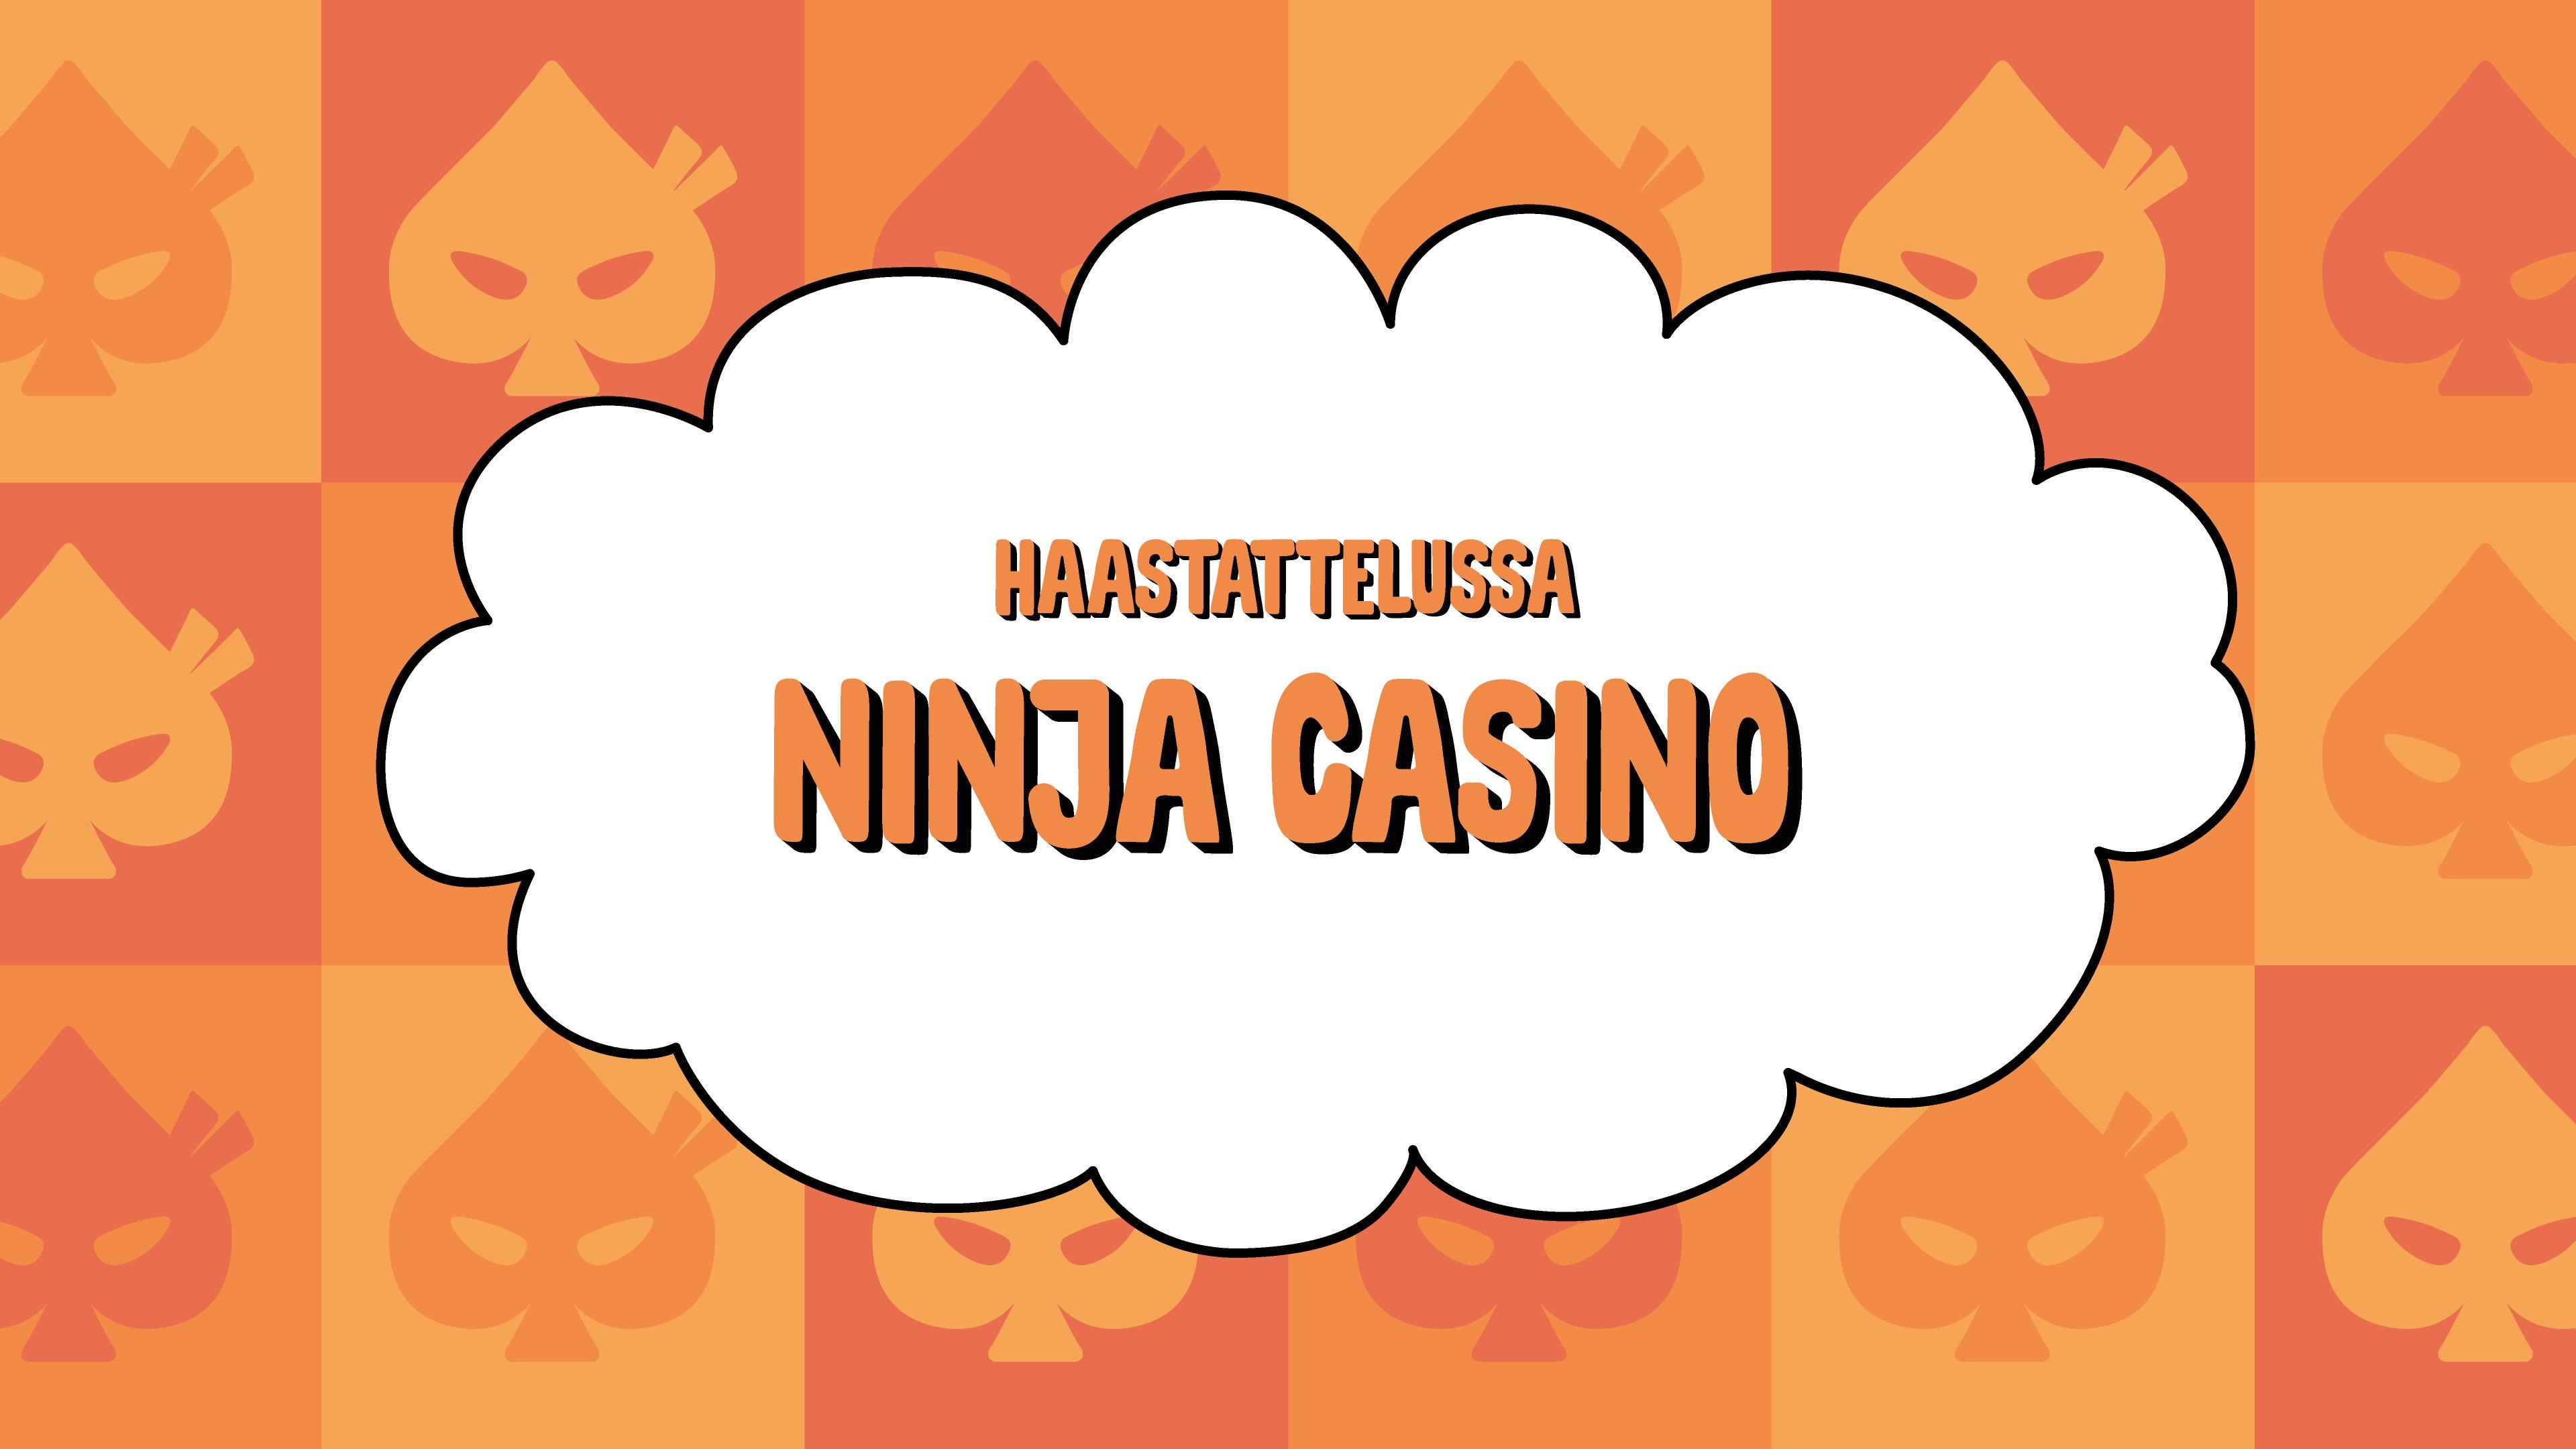 Haastattelussa Ninja Casino